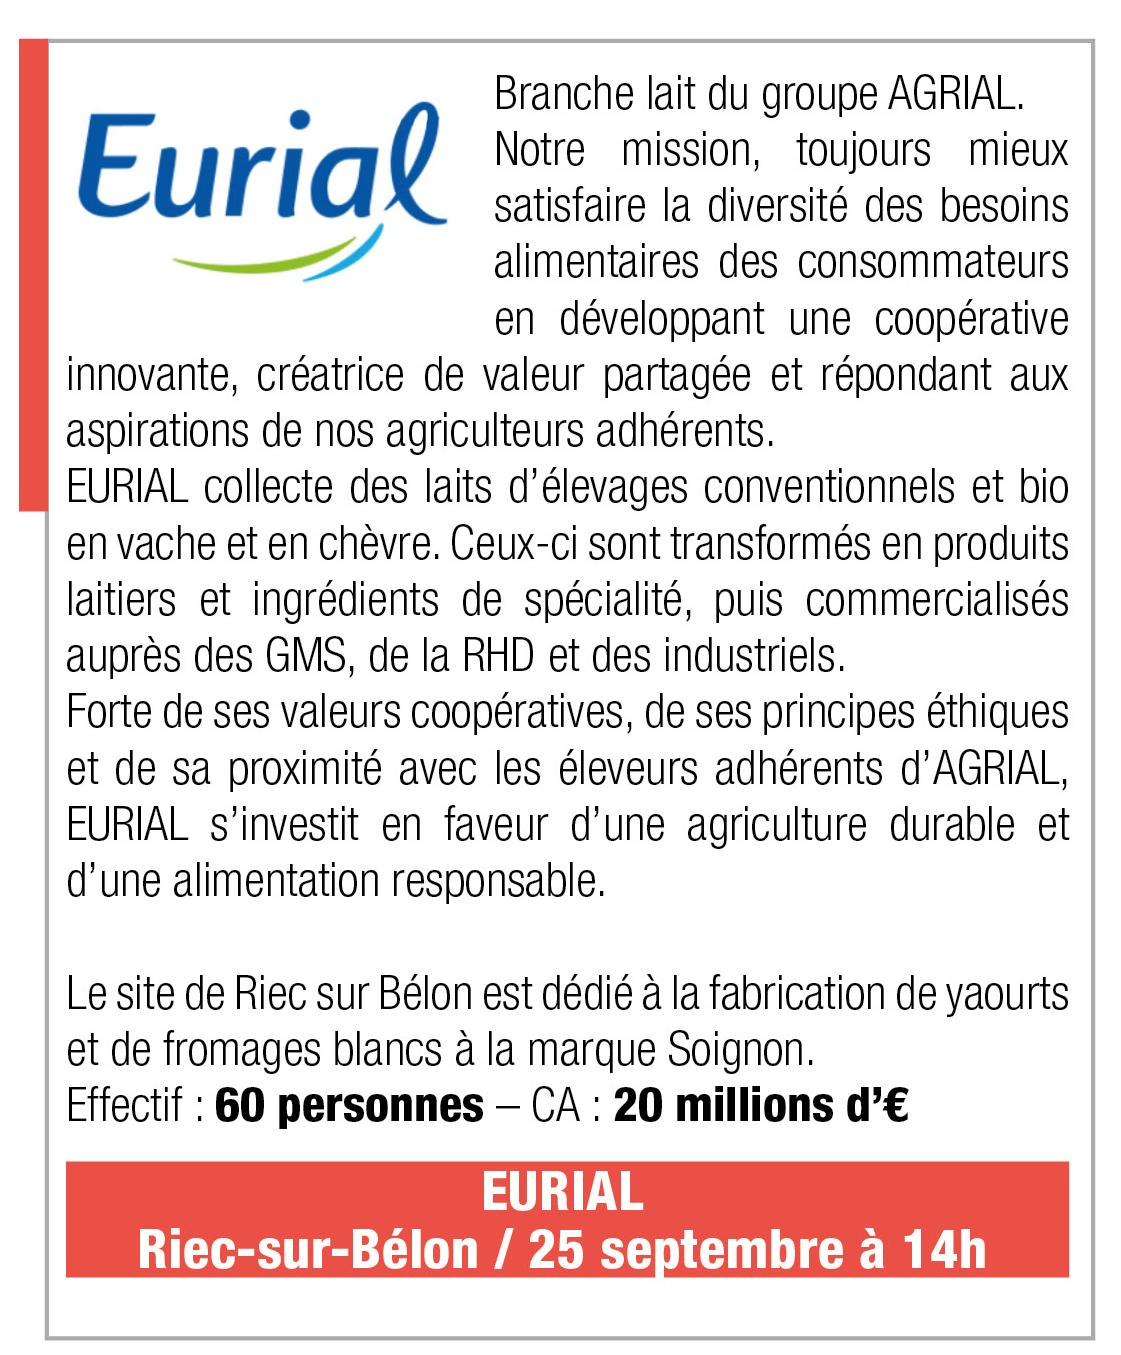 Inscription Eurial, 25 septembre 2019, 14h, Riec sur Belon